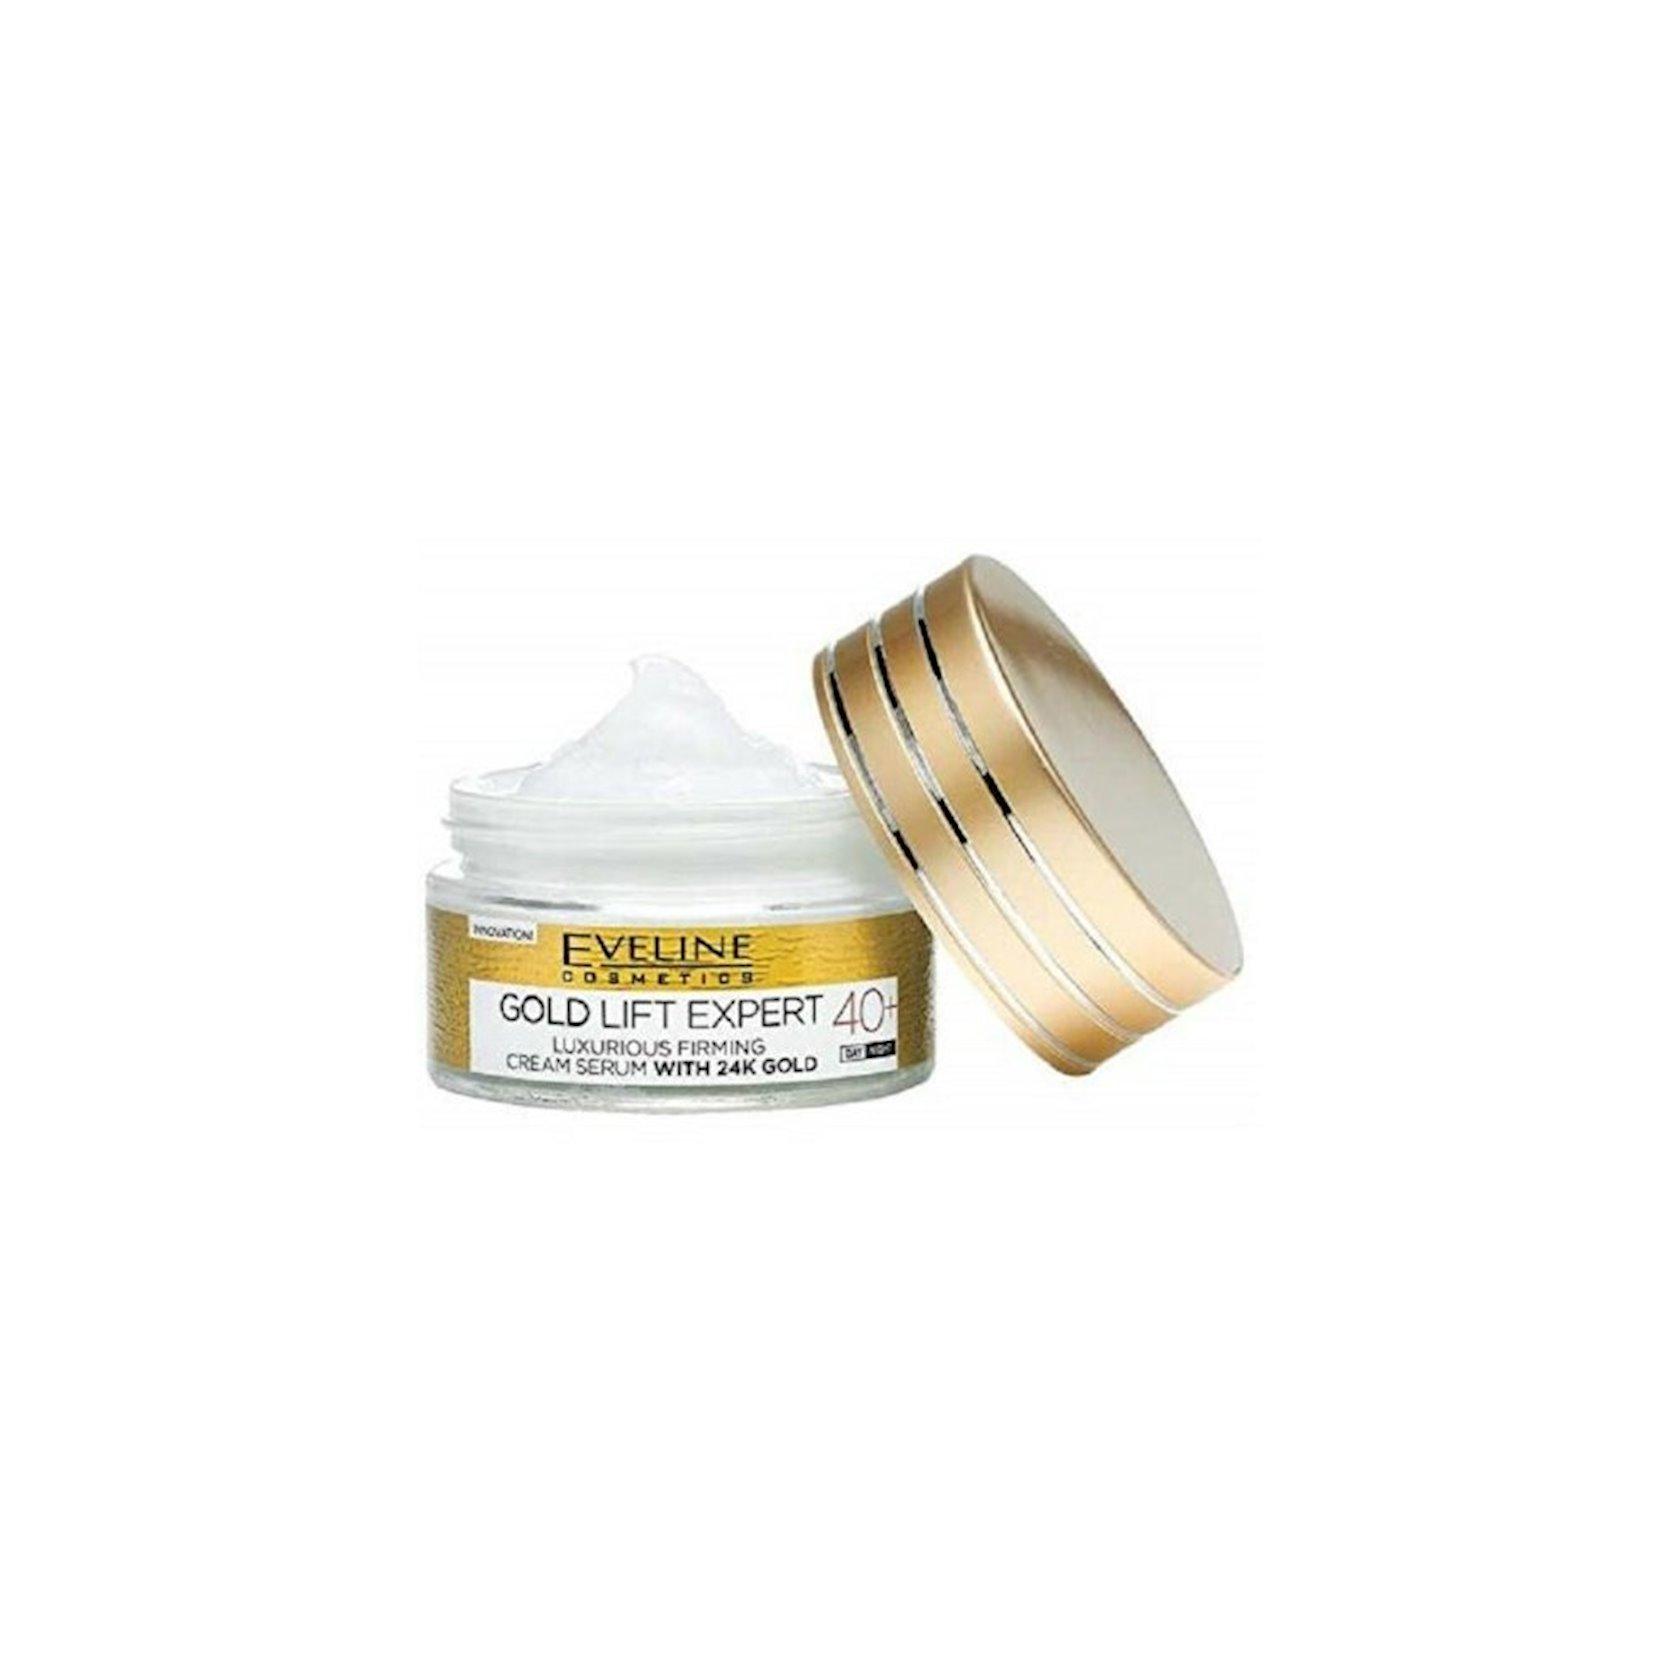 Möhkəmləndirən krem-zərdab Eveline Cosmetics Gold Lift Expert 40+